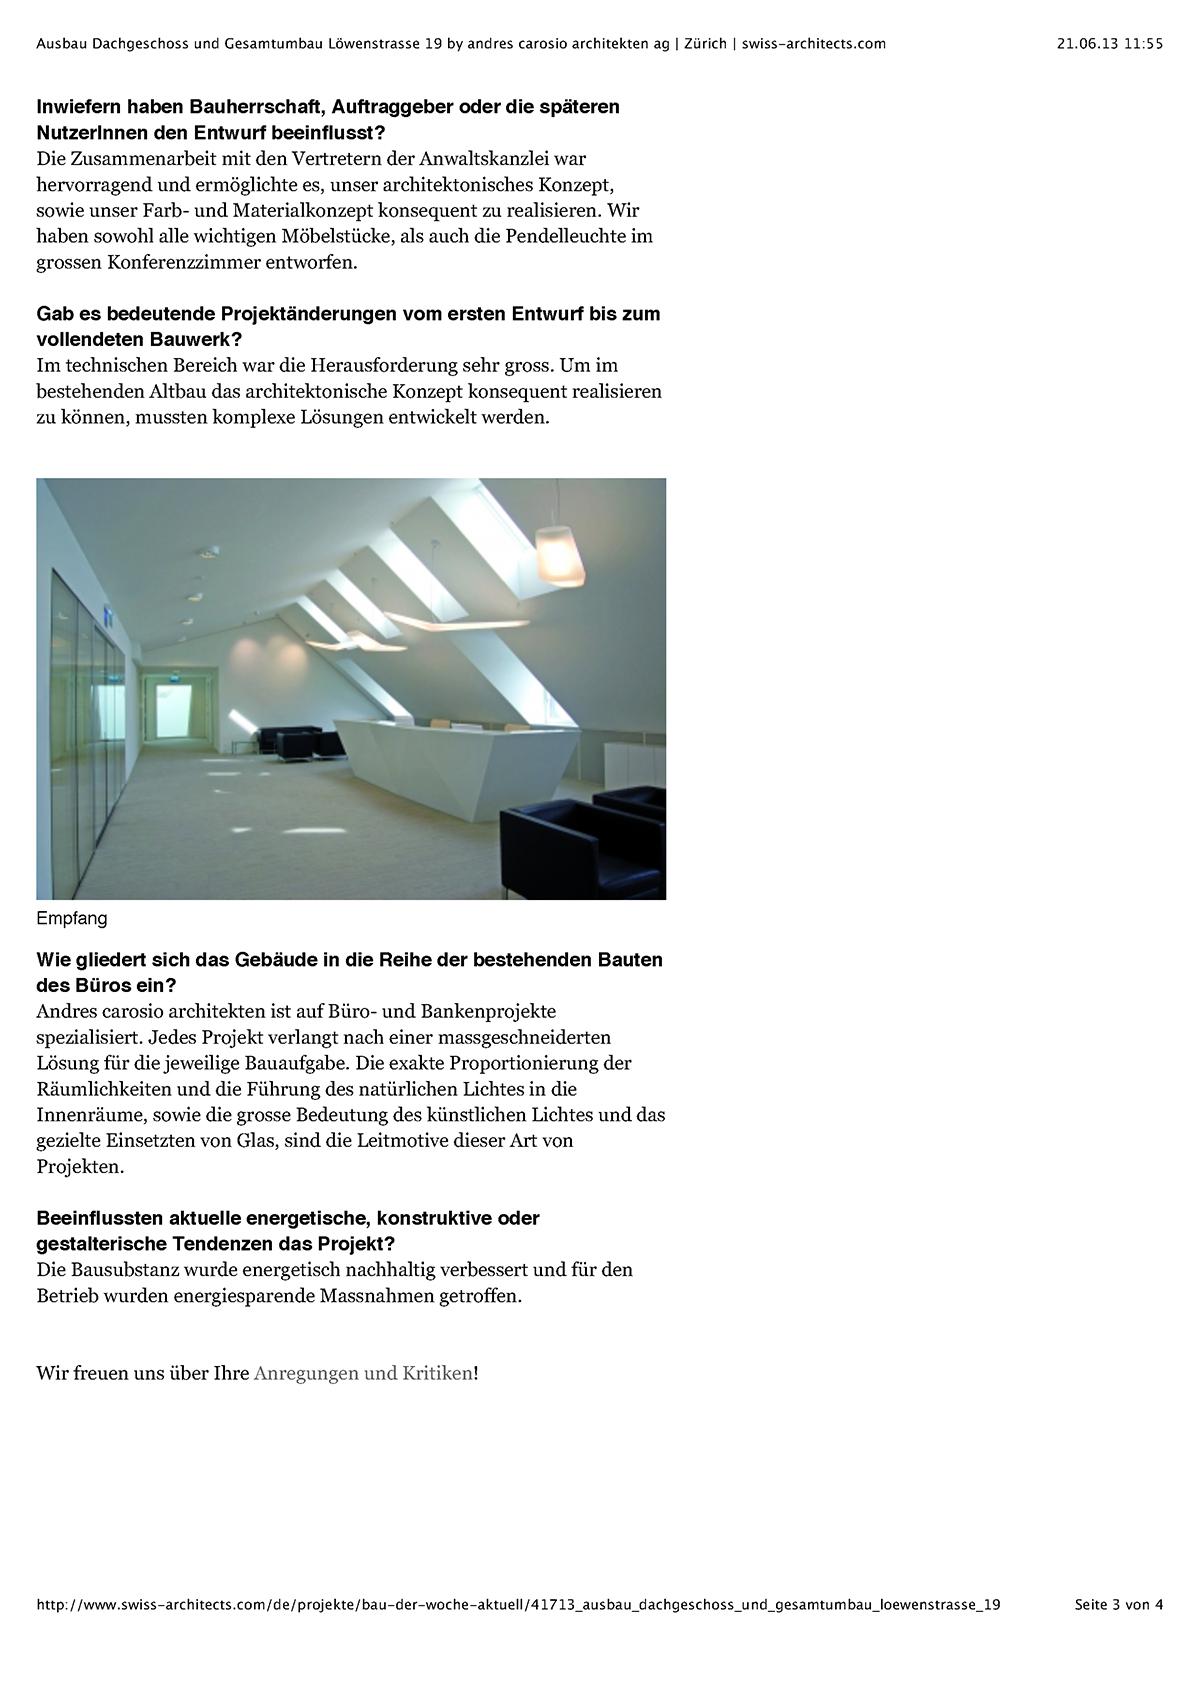 Ausbau-Dachgeschoss-und-Gesamtumbau-Loewenstrasse-19-by-andres-carosio-architekten-ag--Zuerich--swiss-architects.com_Seite_3